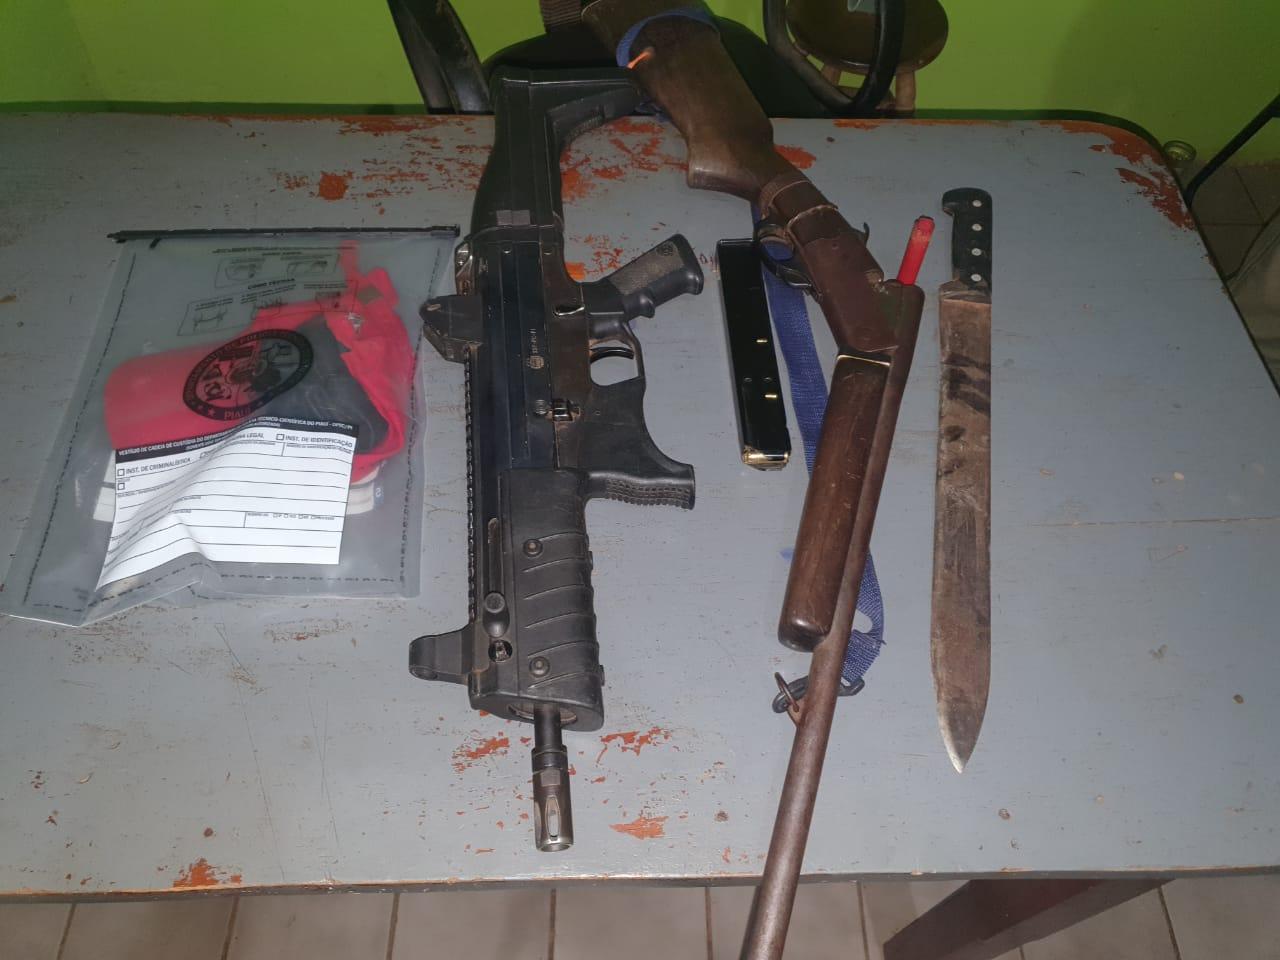 Armas foram apreendidias durante a ação (Foto: Divulgação)